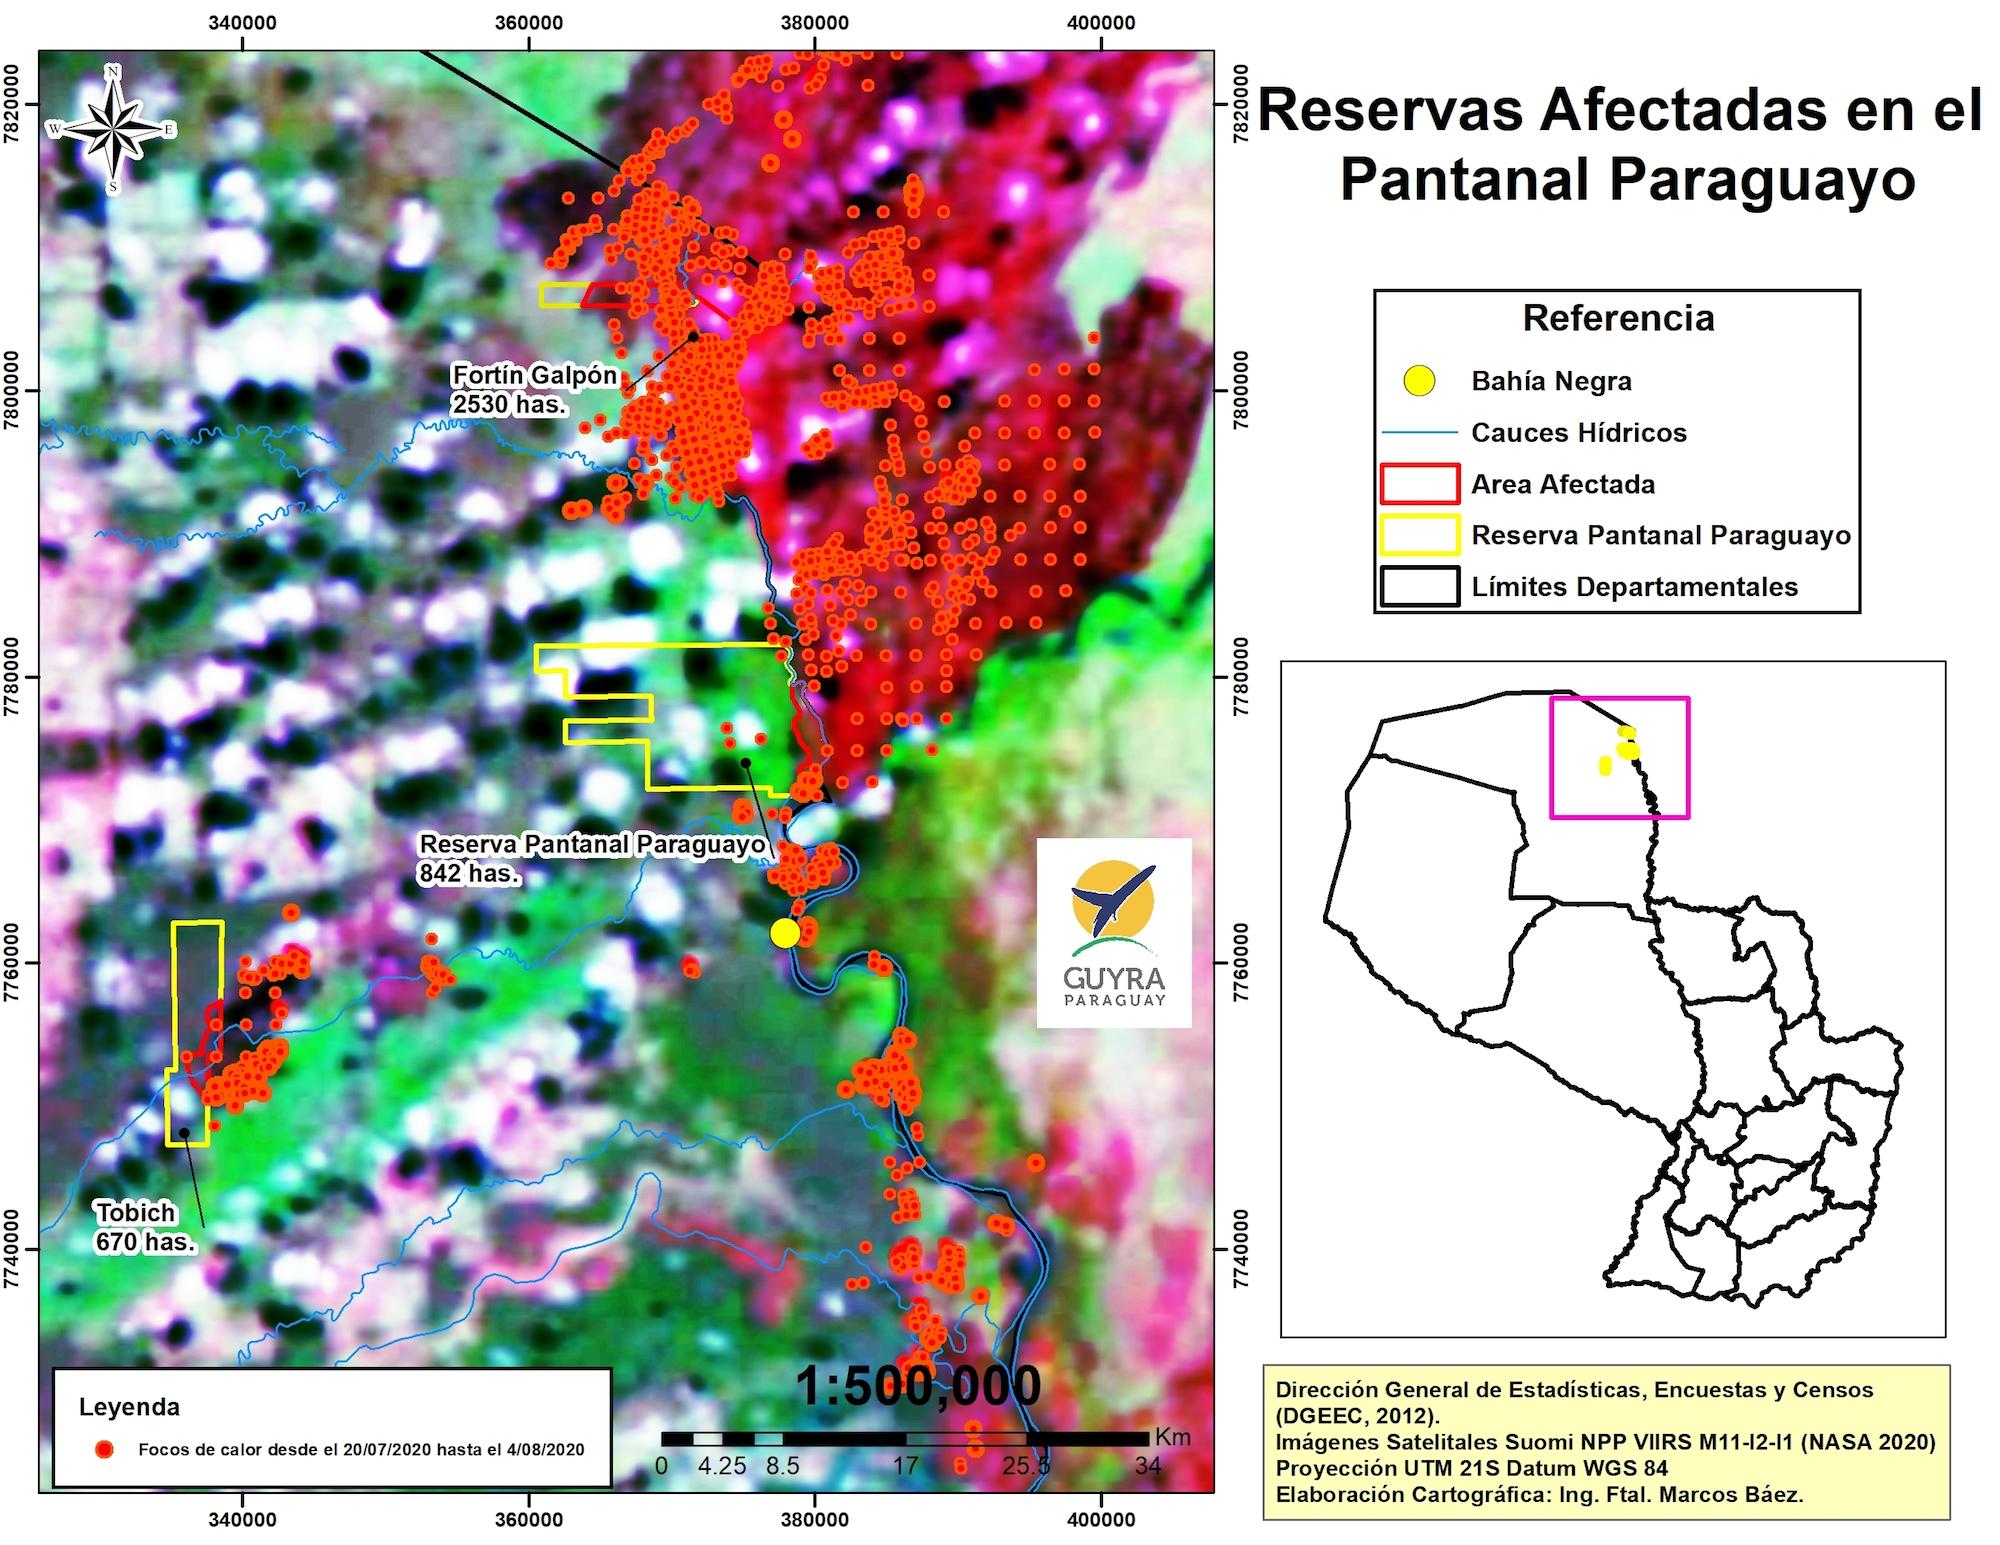 El mapa muestra las zonas afectadas por los incendios forestales en el pantanal paraguayo. Foto: Guyra Paraguay.